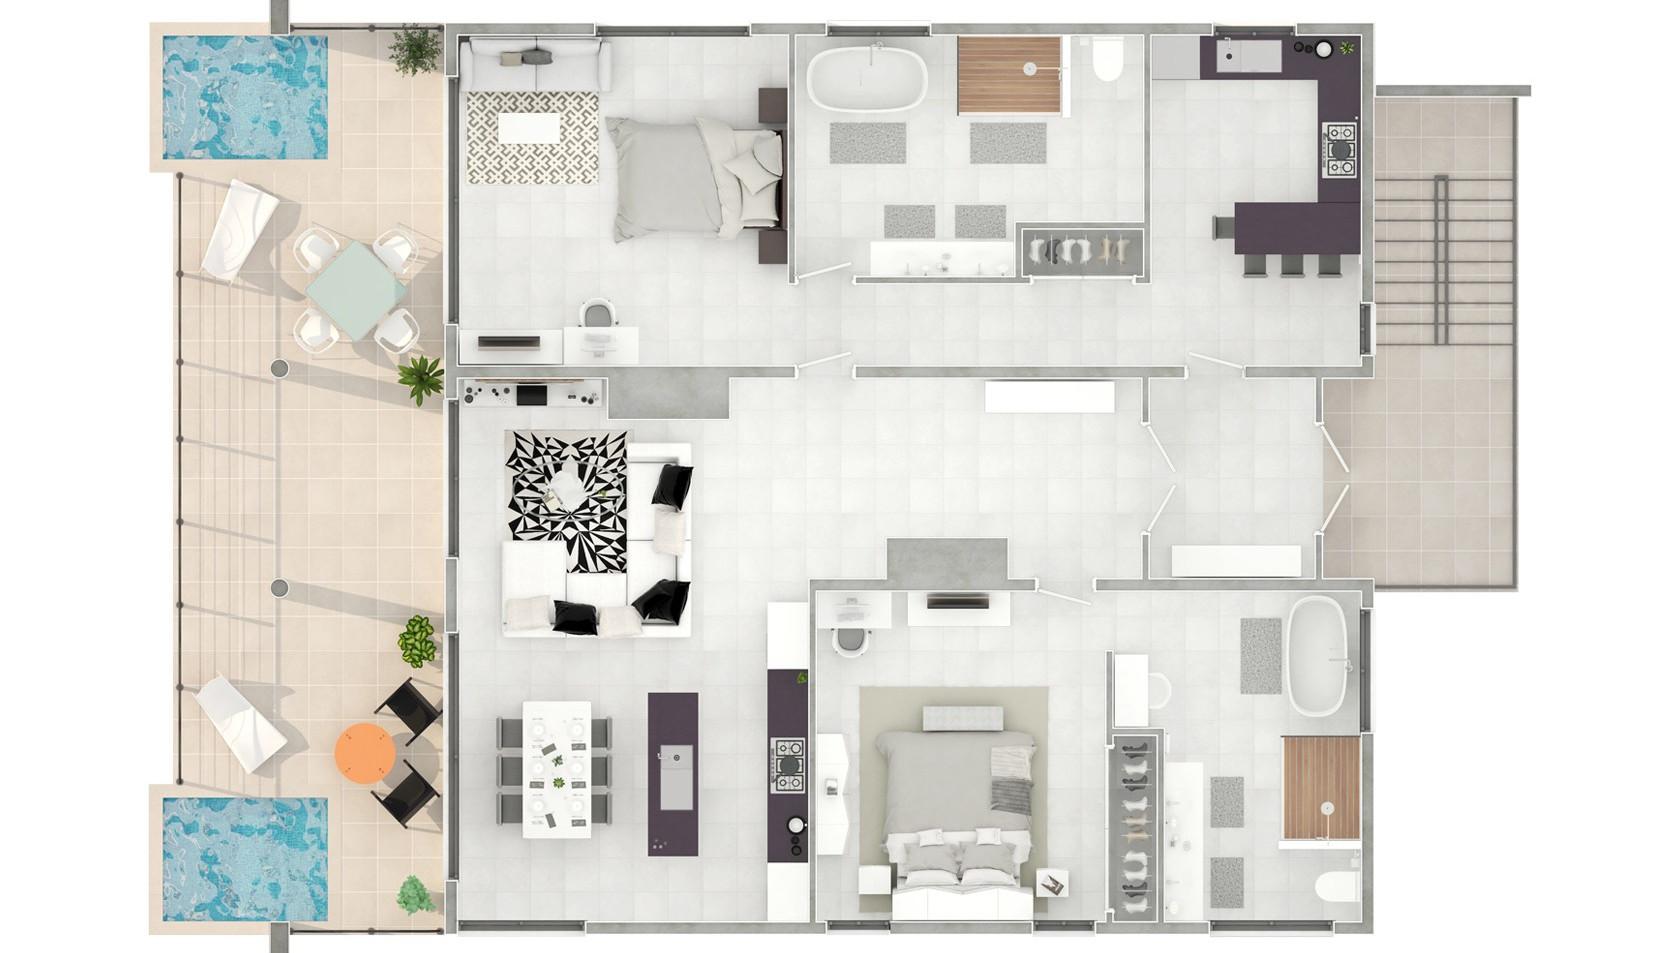 2 Bedroom floor plan.jpg